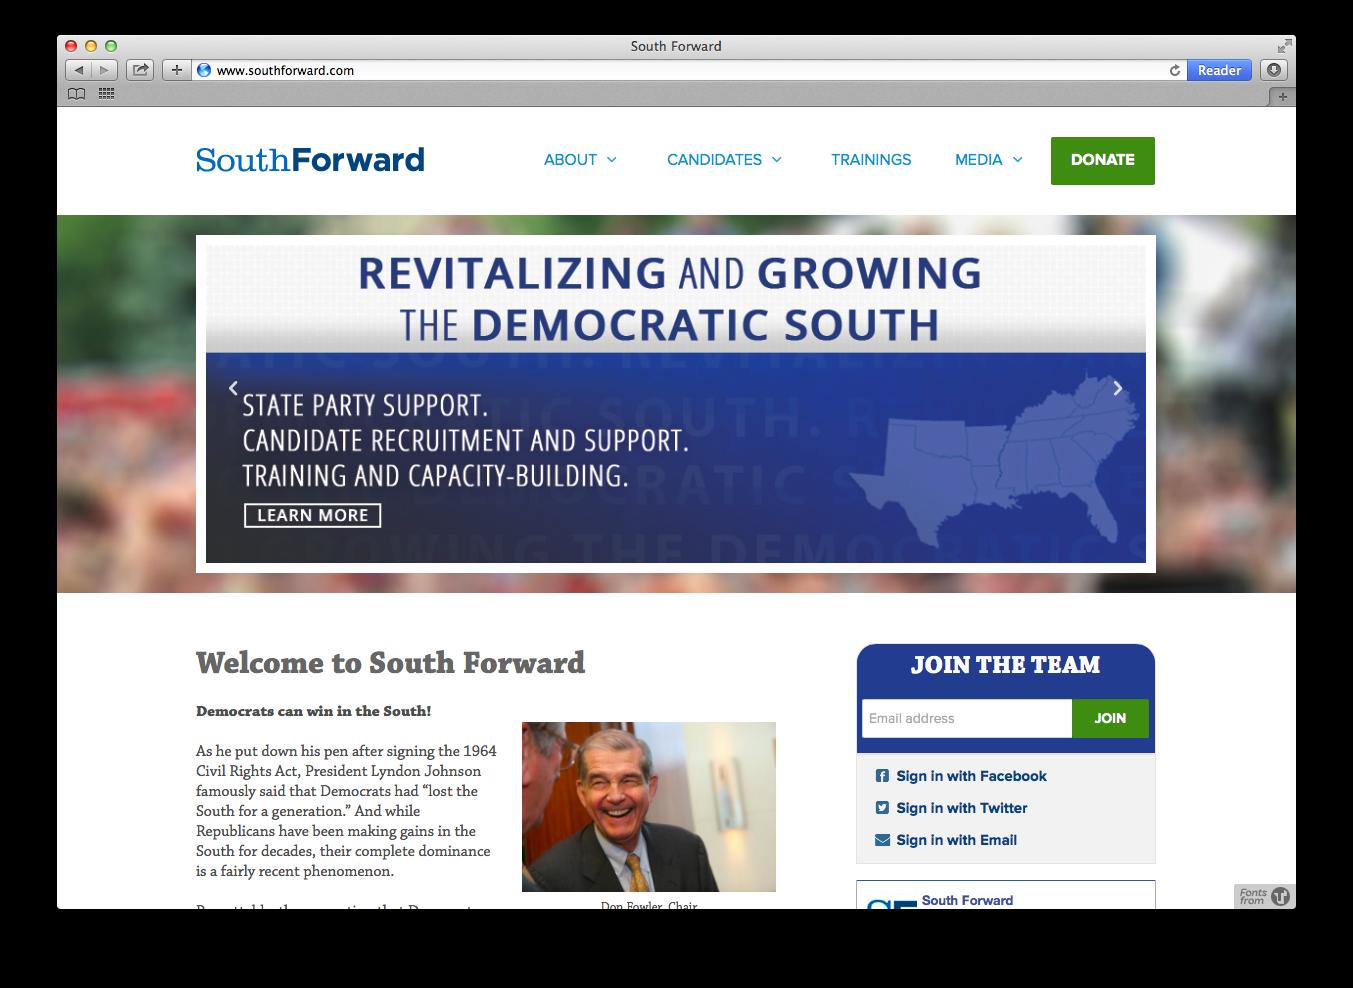 SouthForward.com